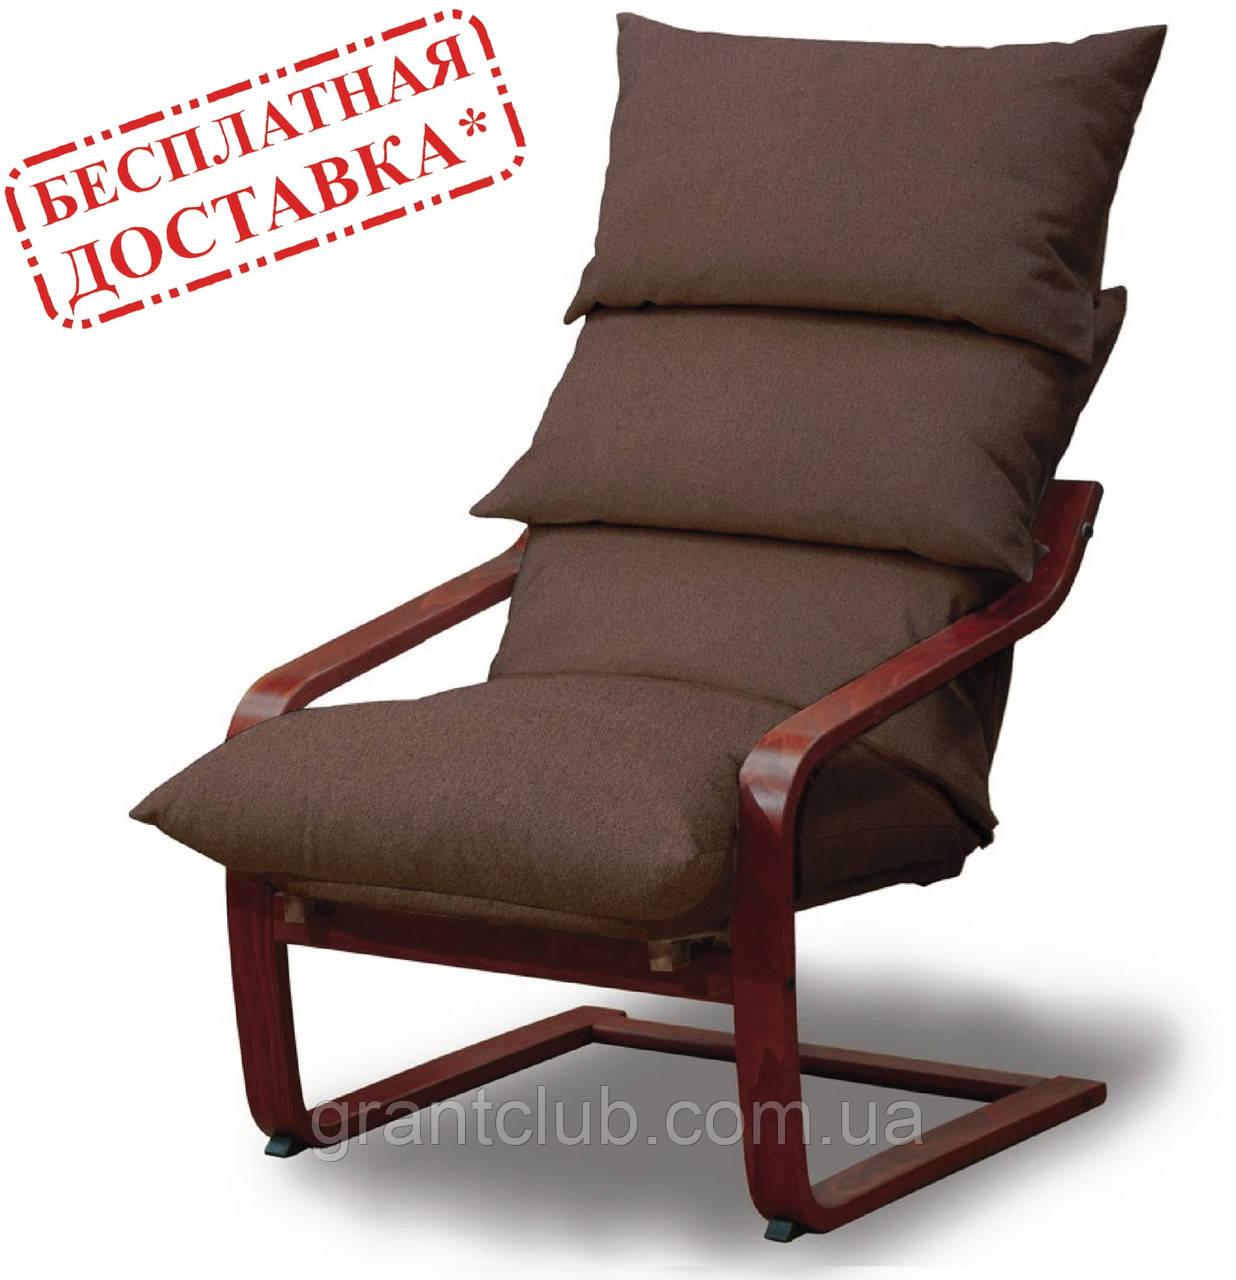 """Крісло-гойдалка коричневе для відпочинку та заколисування дитини SuperComfort """"Стандарт"""" (безкоштовна доставка)"""